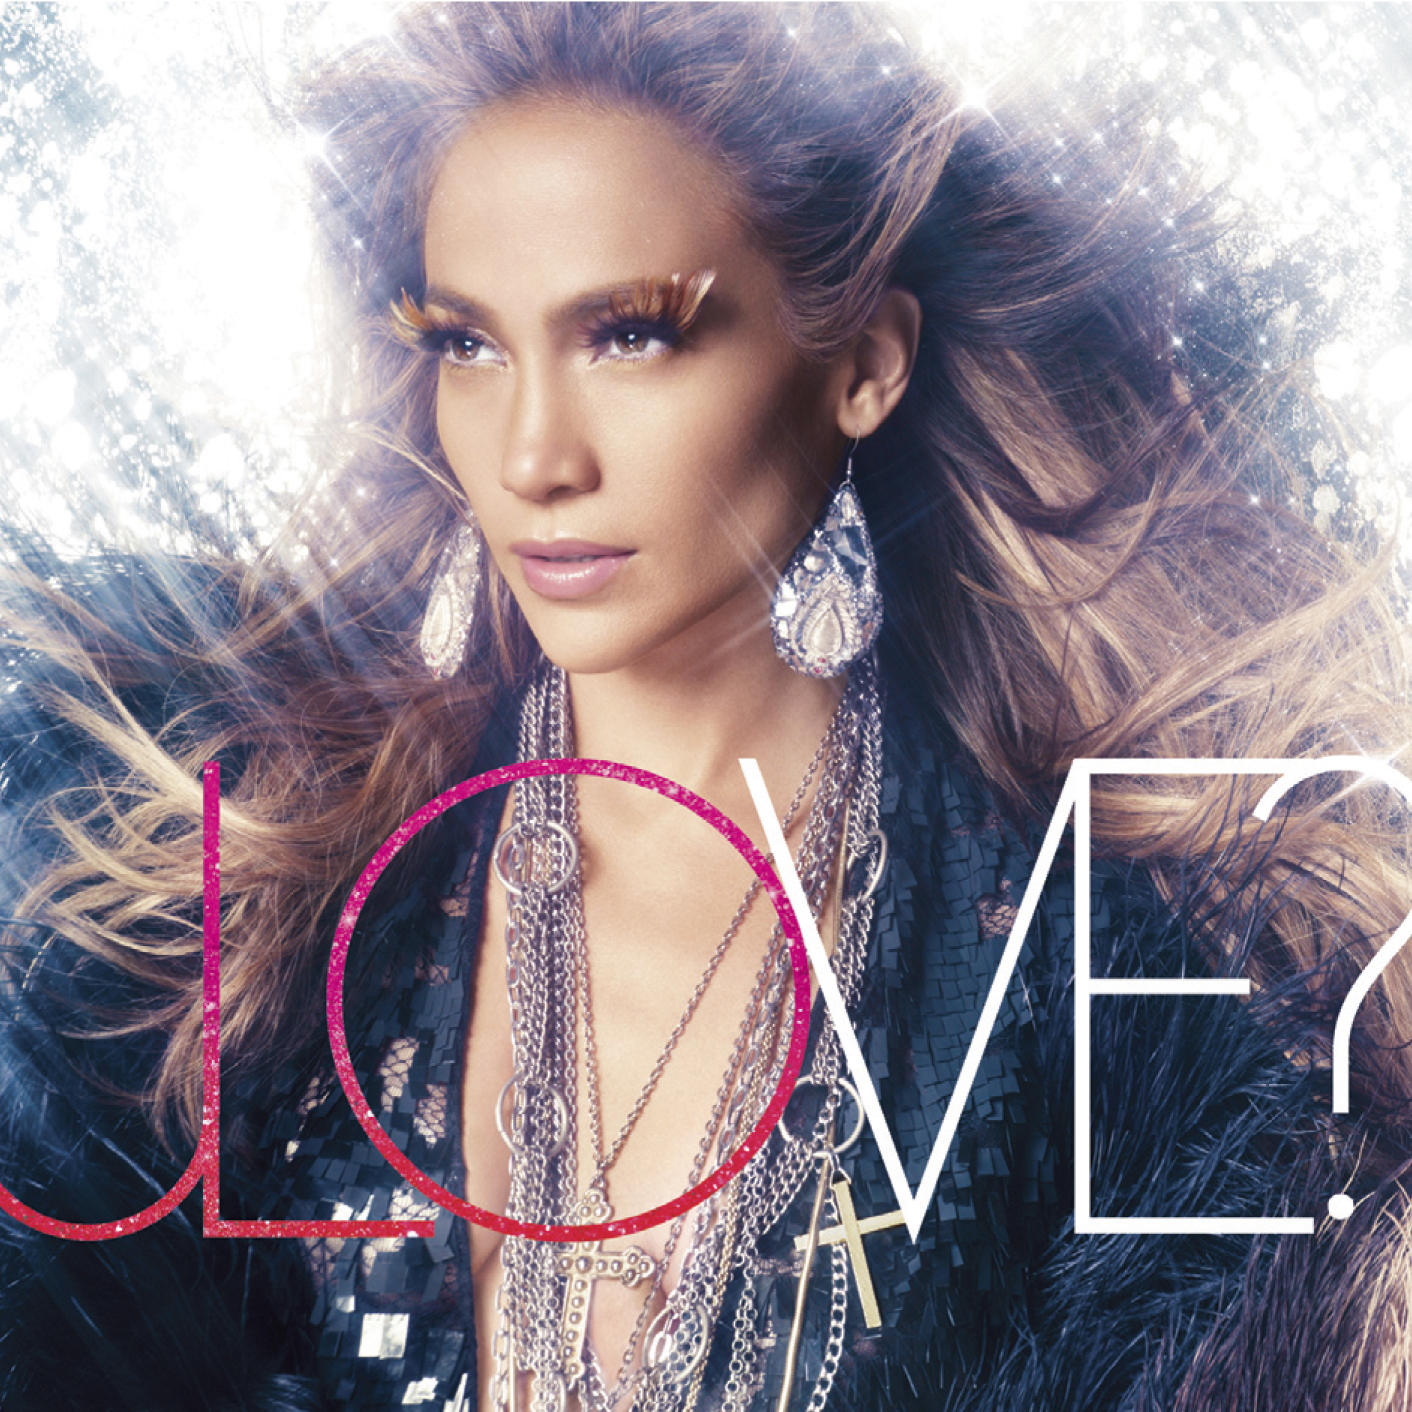 http://4.bp.blogspot.com/-_-10JabqEIk/Ti_DsjSaSfI/AAAAAAAAGGk/Y8l7r0p_s-4/s1600/Jennifer_Lopez_-_Love.jpg